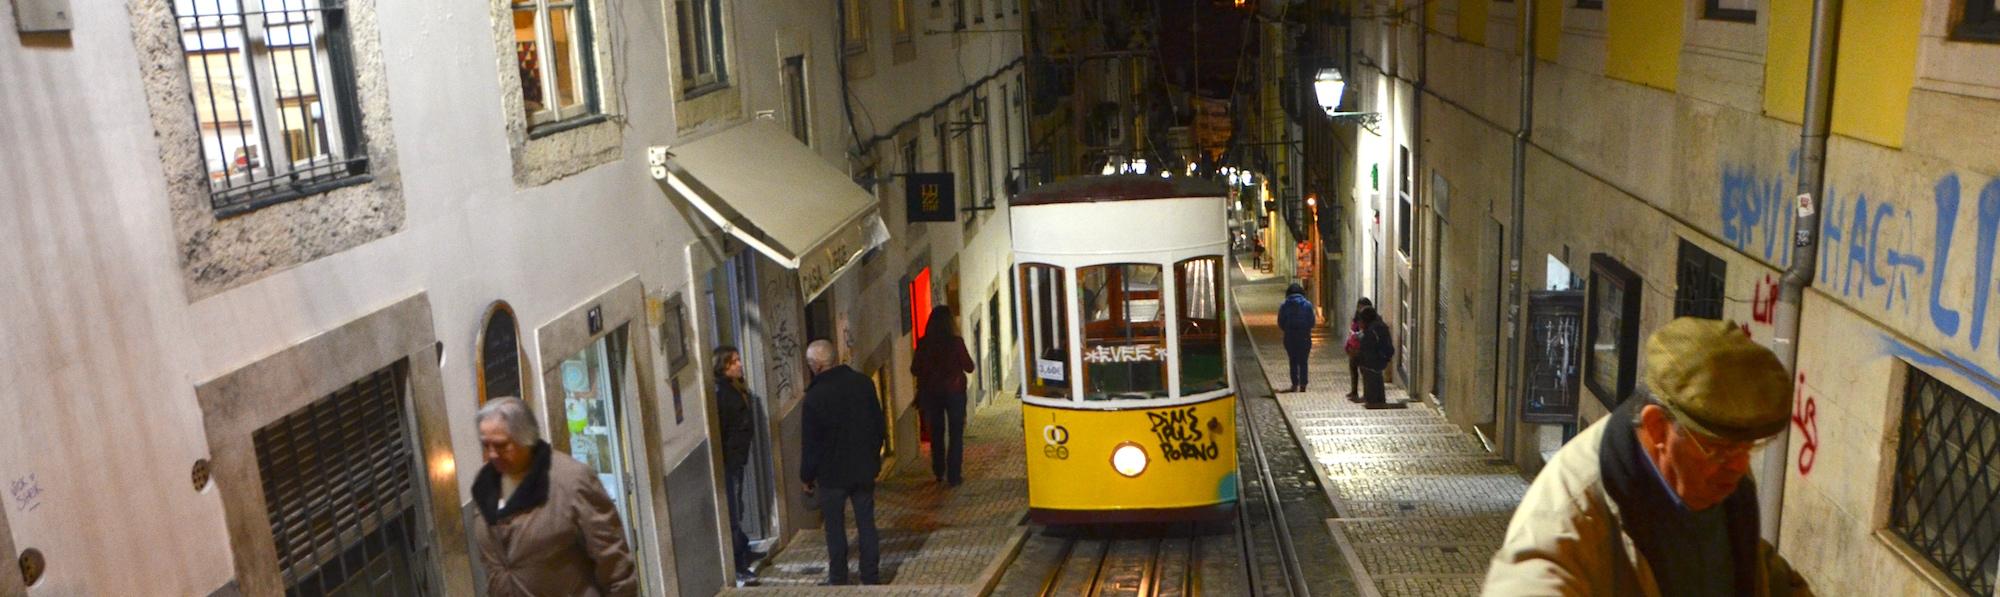 Mirador Santa Caterina Abajo, Lisboa